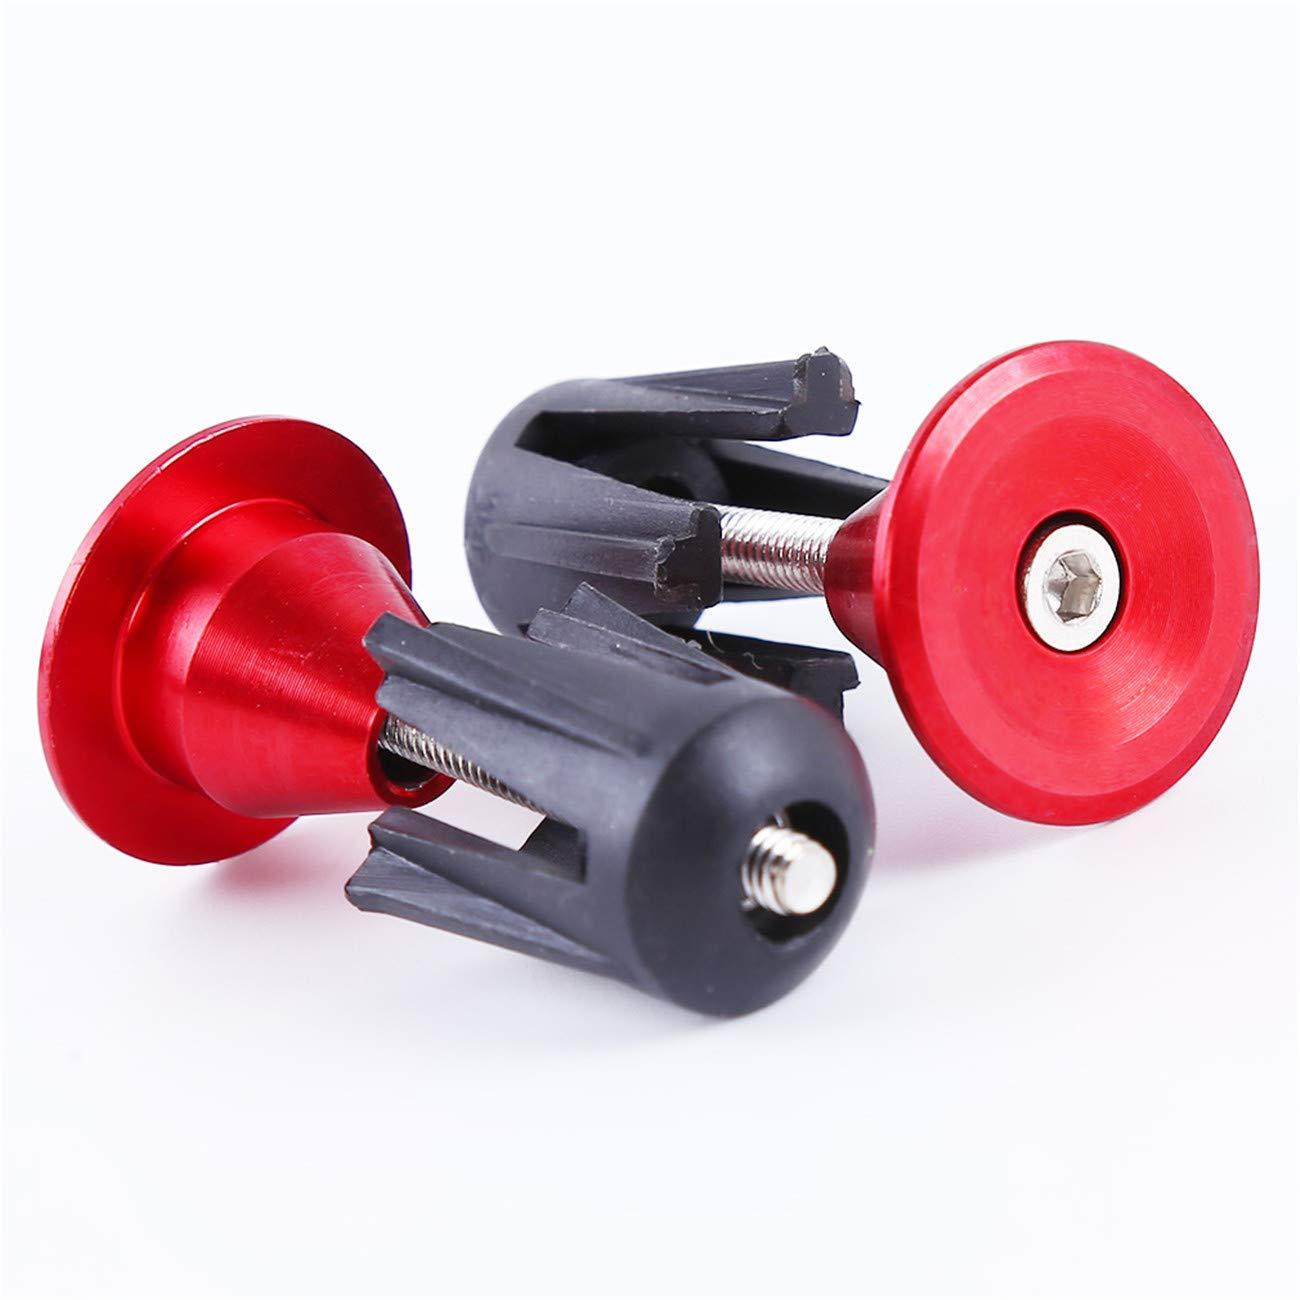 Bigsweety 1 Paire V/élo Guidon Casquette de V/élo Poign/ées en Alliage Daluminium Poign/ée de V/élo Bouchons Dextr/émit/é Pi/èces de Bicyclettes Rouge